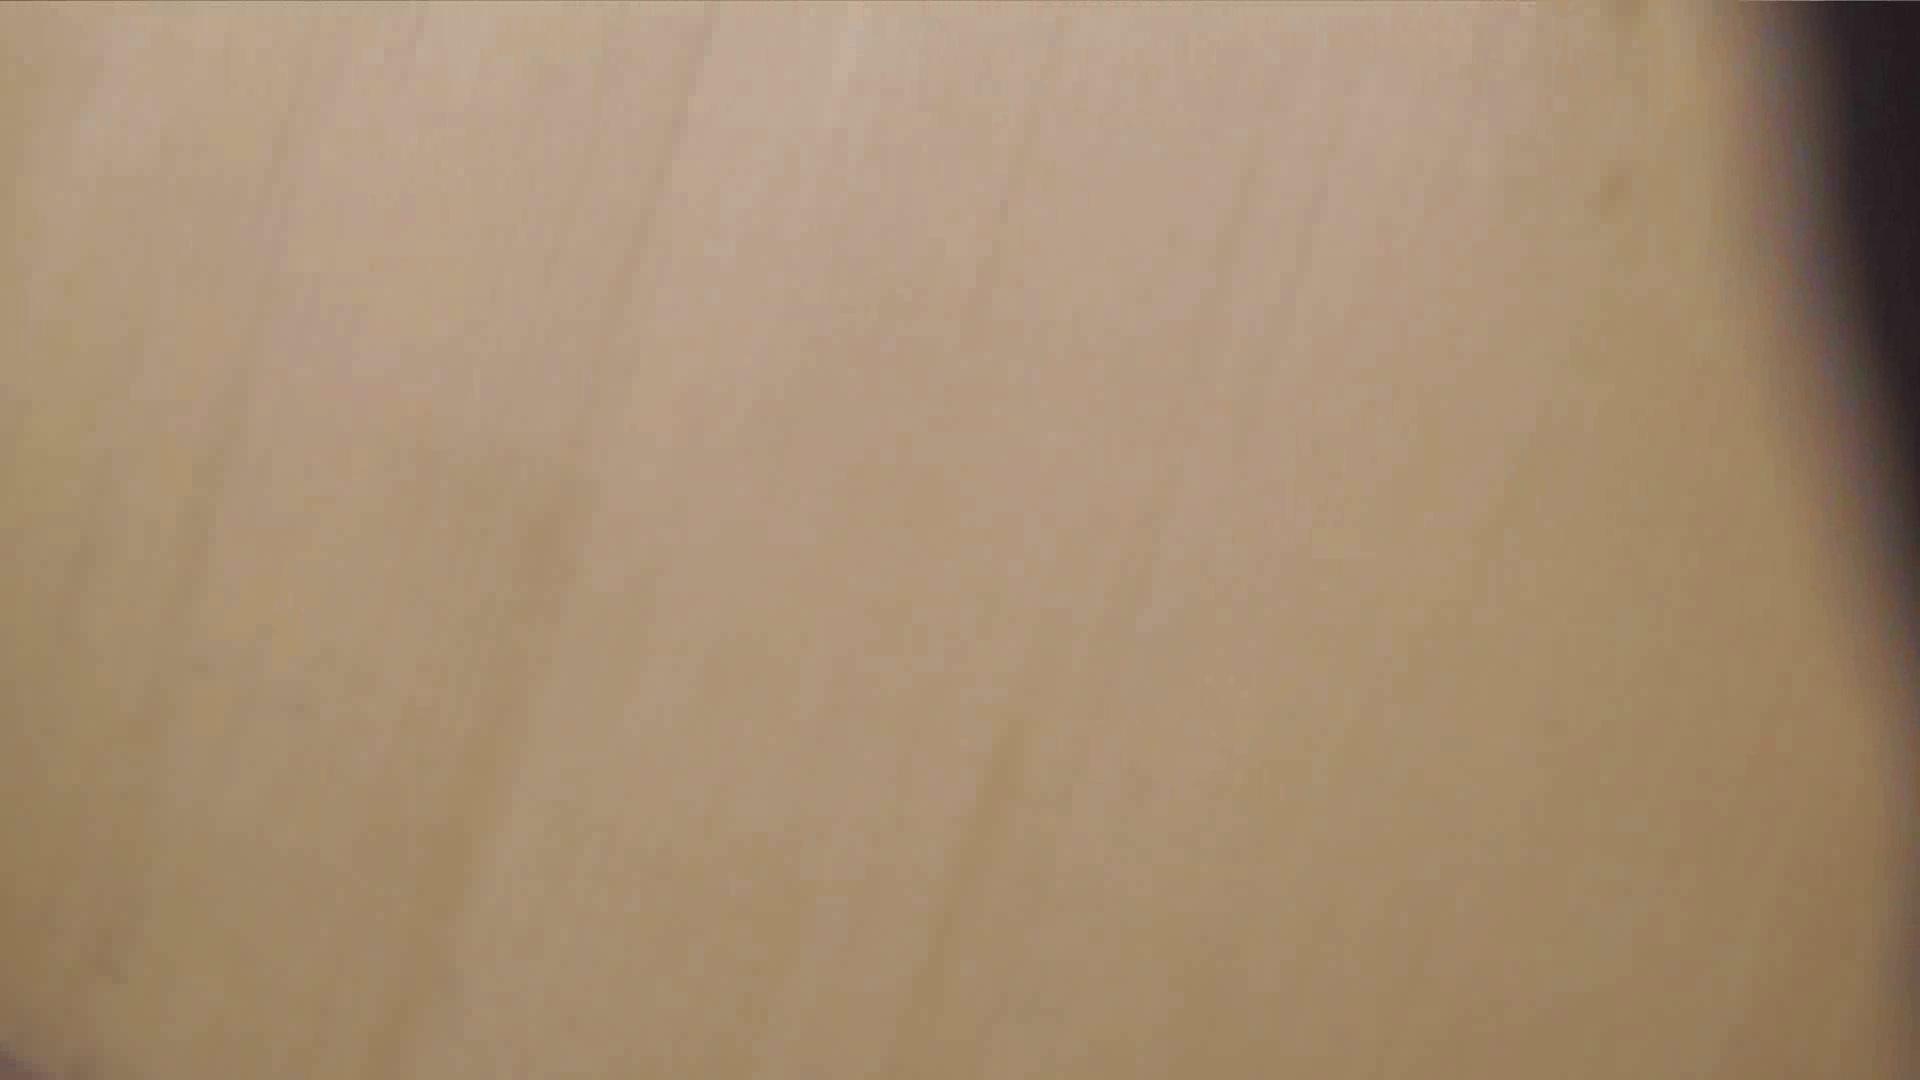 阿国ちゃんの「和式洋式七変化」No.18 iBO(フタコブ) 洗面所着替え   和式  83連発 41